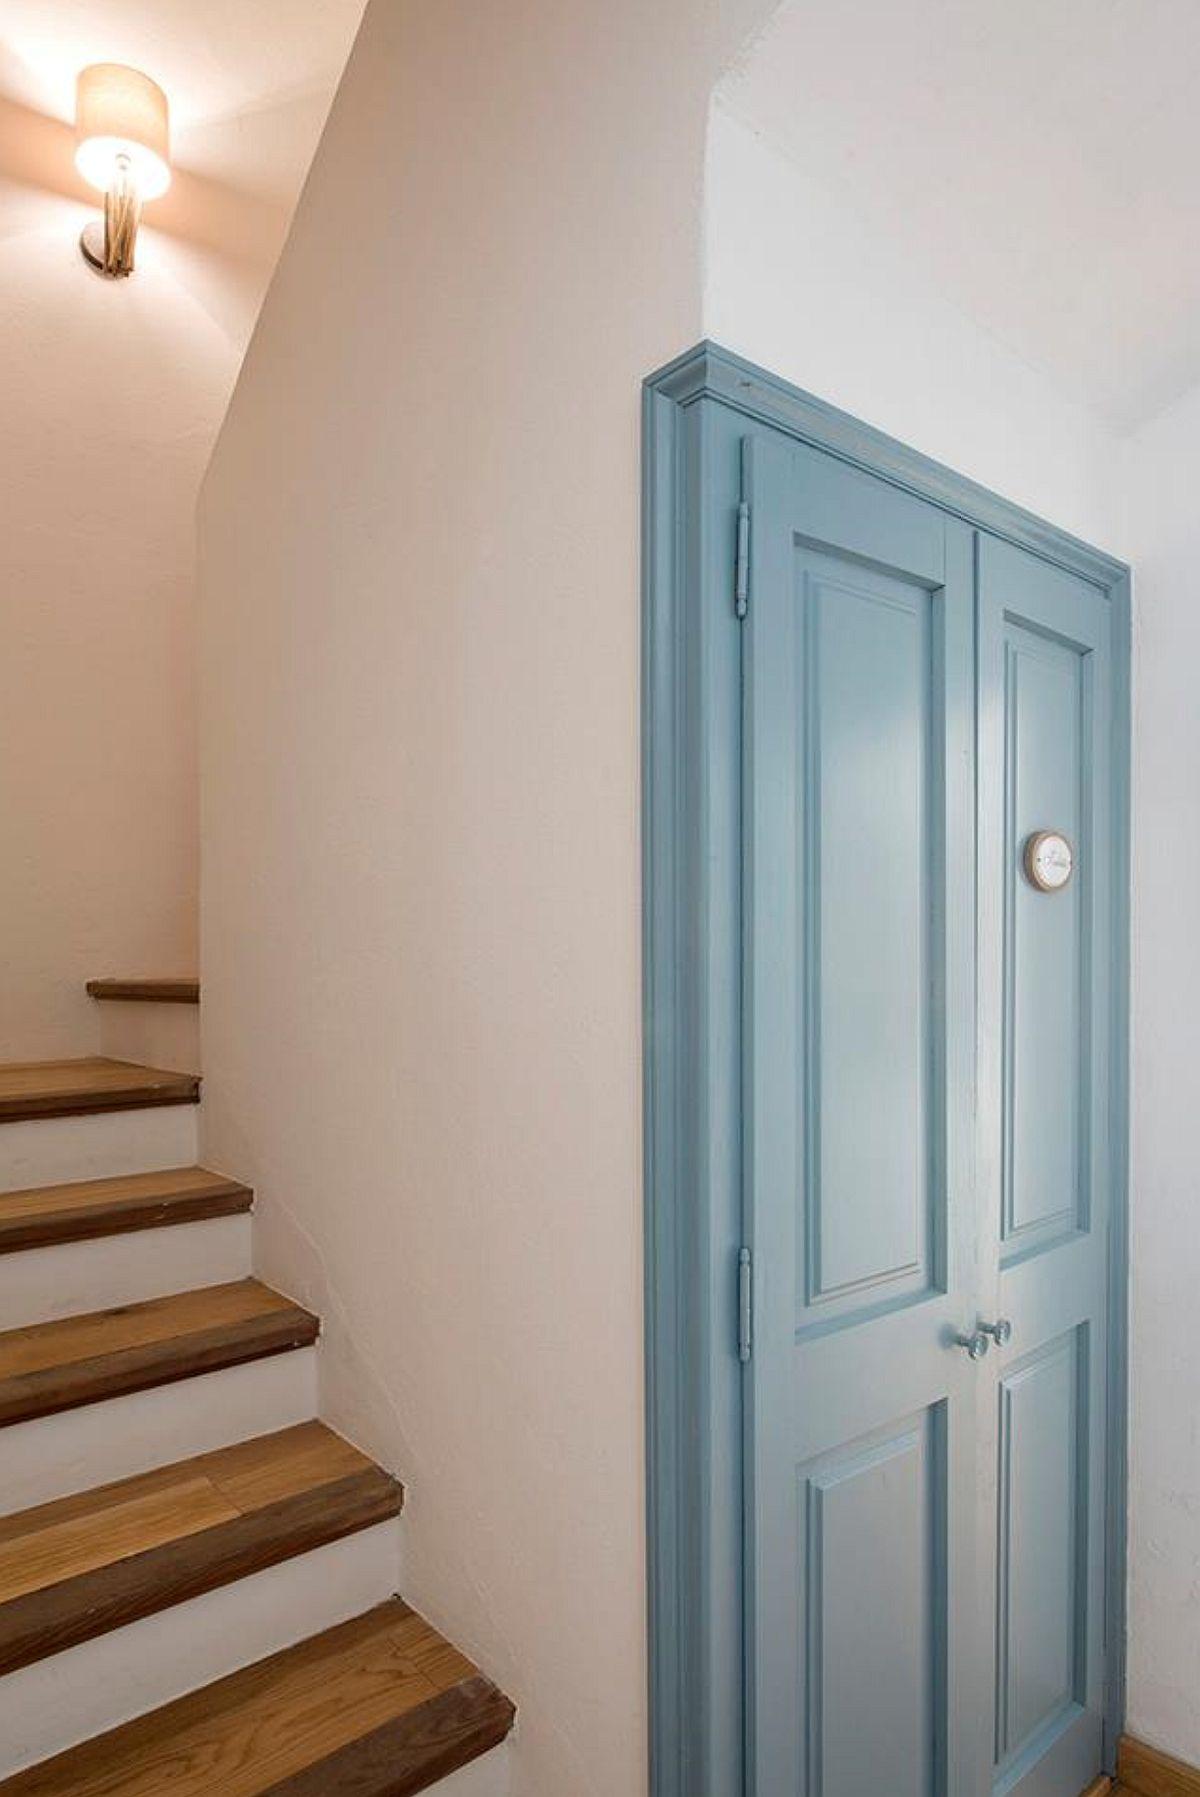 adelaparvu.com despre casa lunga si ingusta cu terasa, stil marin, design Nice Home Barcelona, Foto Jordi Canosa (7)